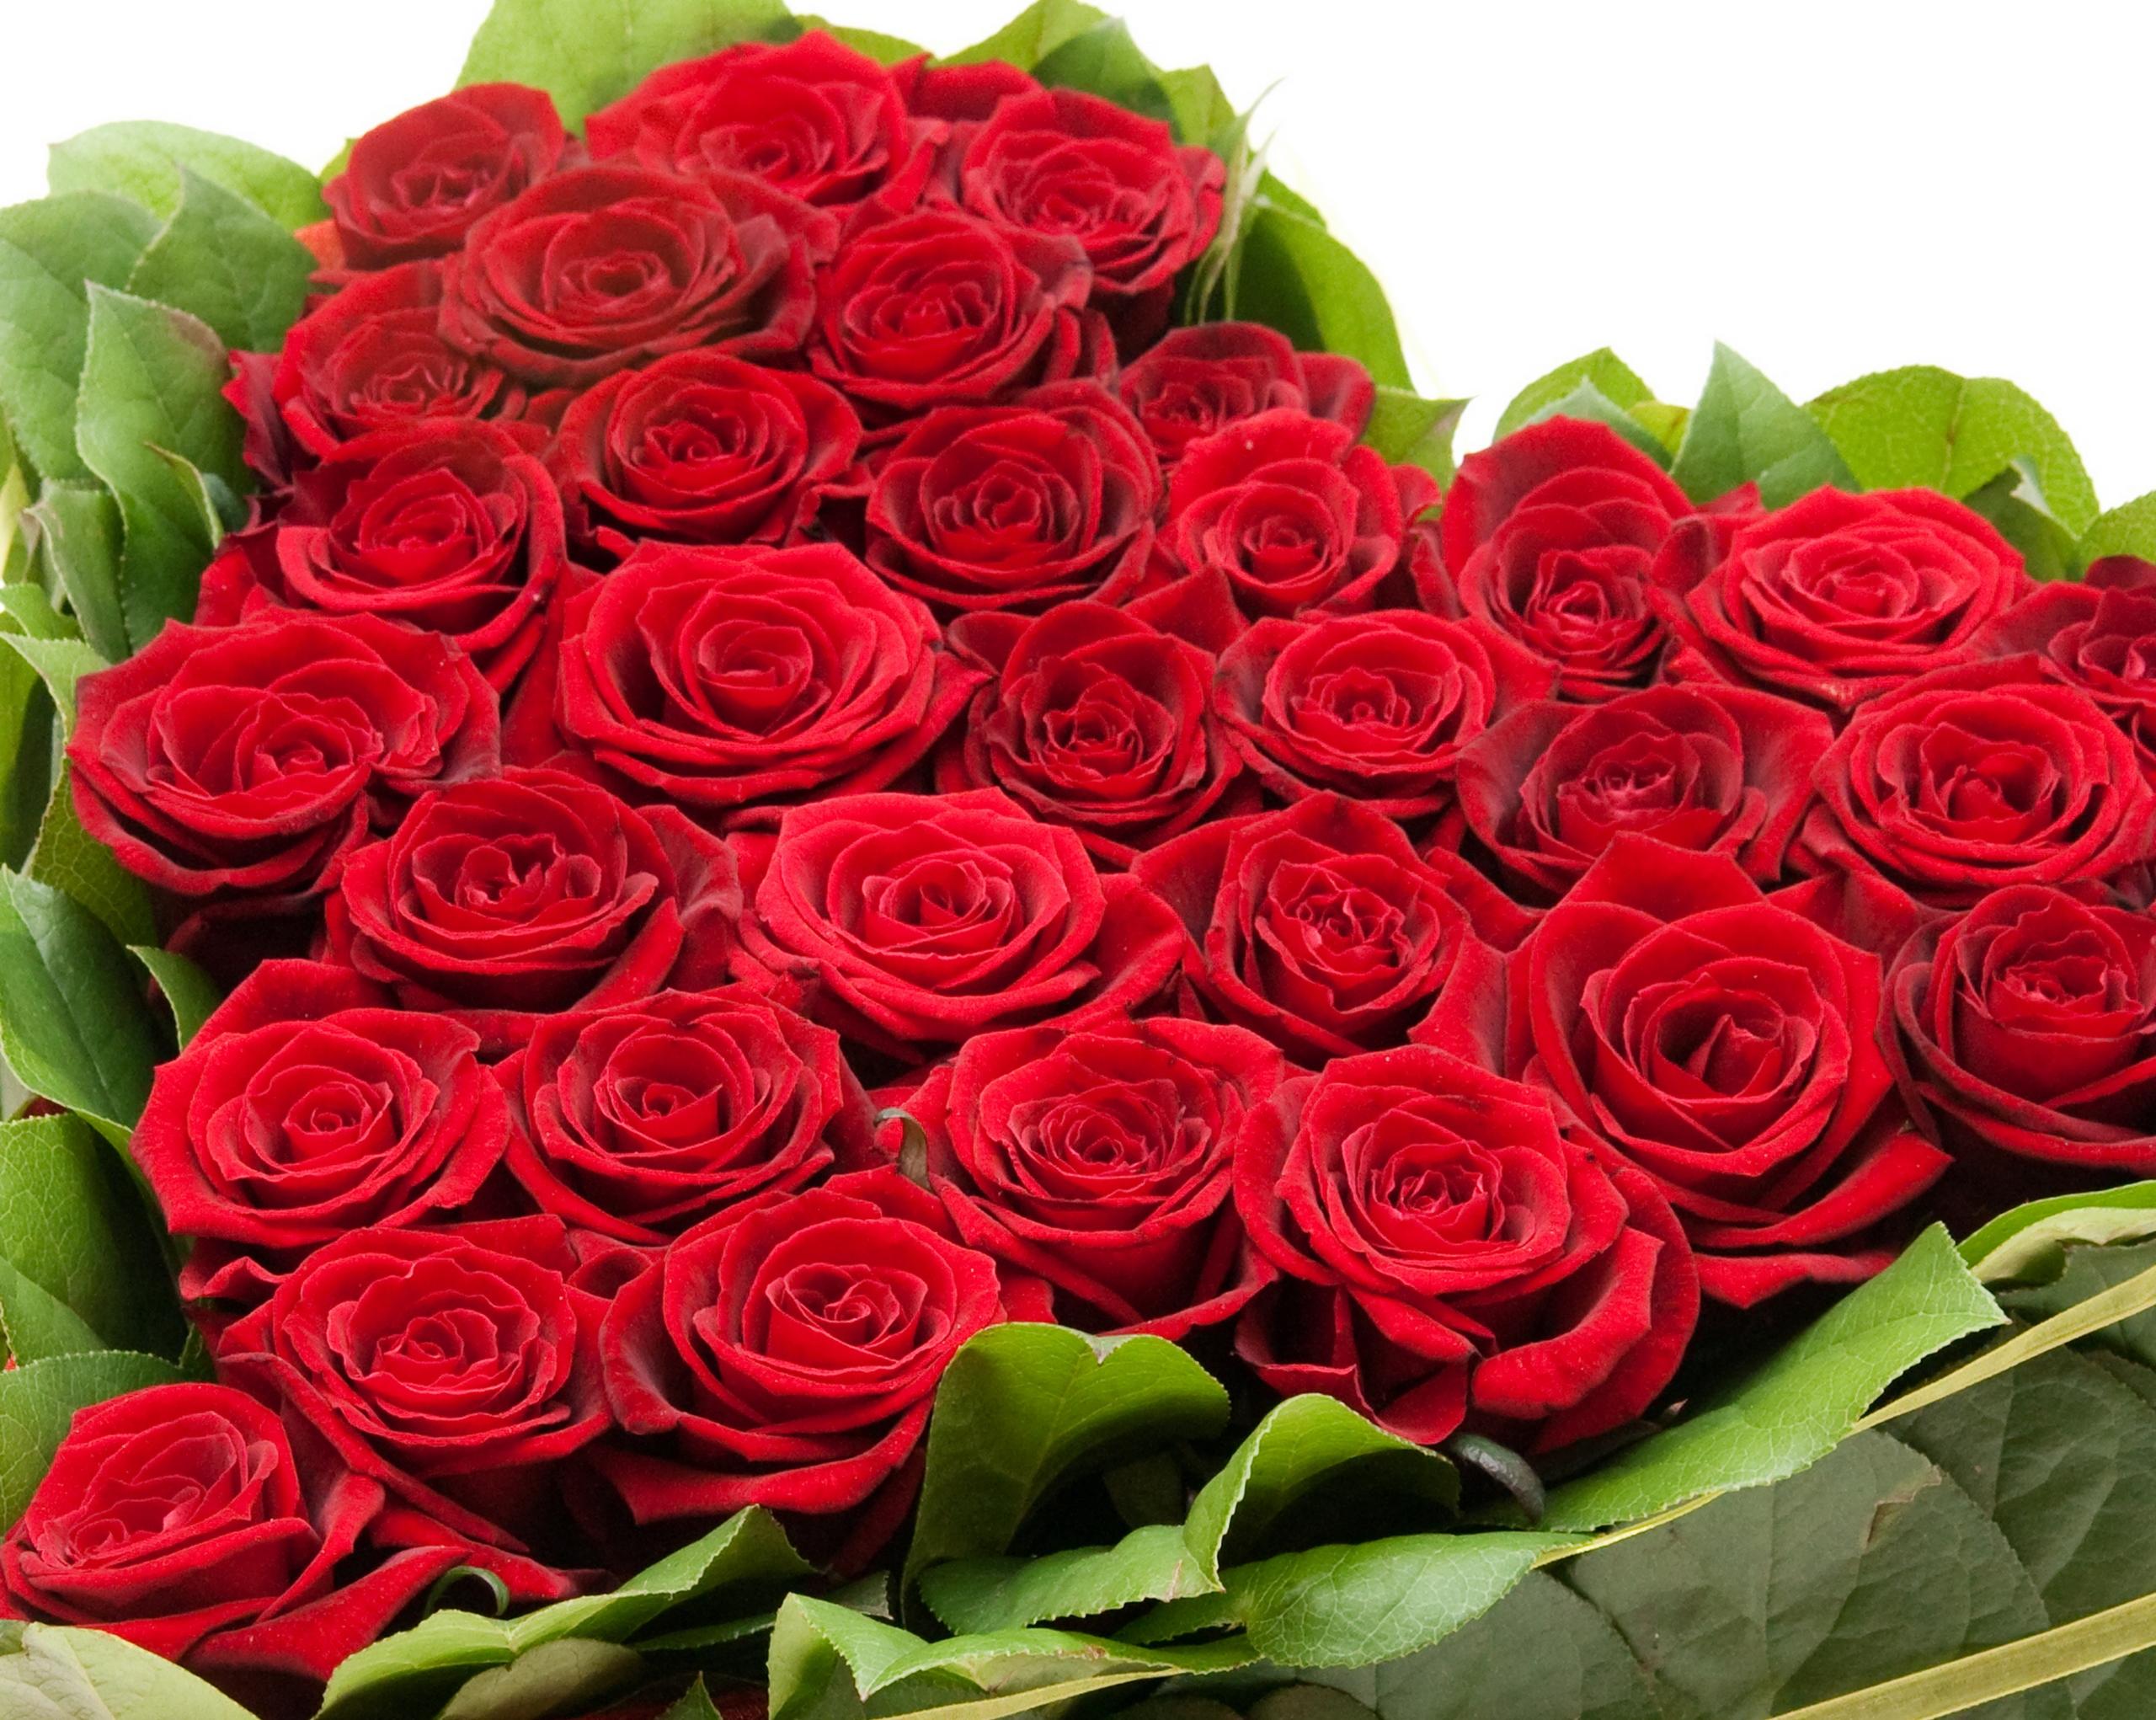 Картинка красивый букет » букеты цветов » цветы » картинки 24.